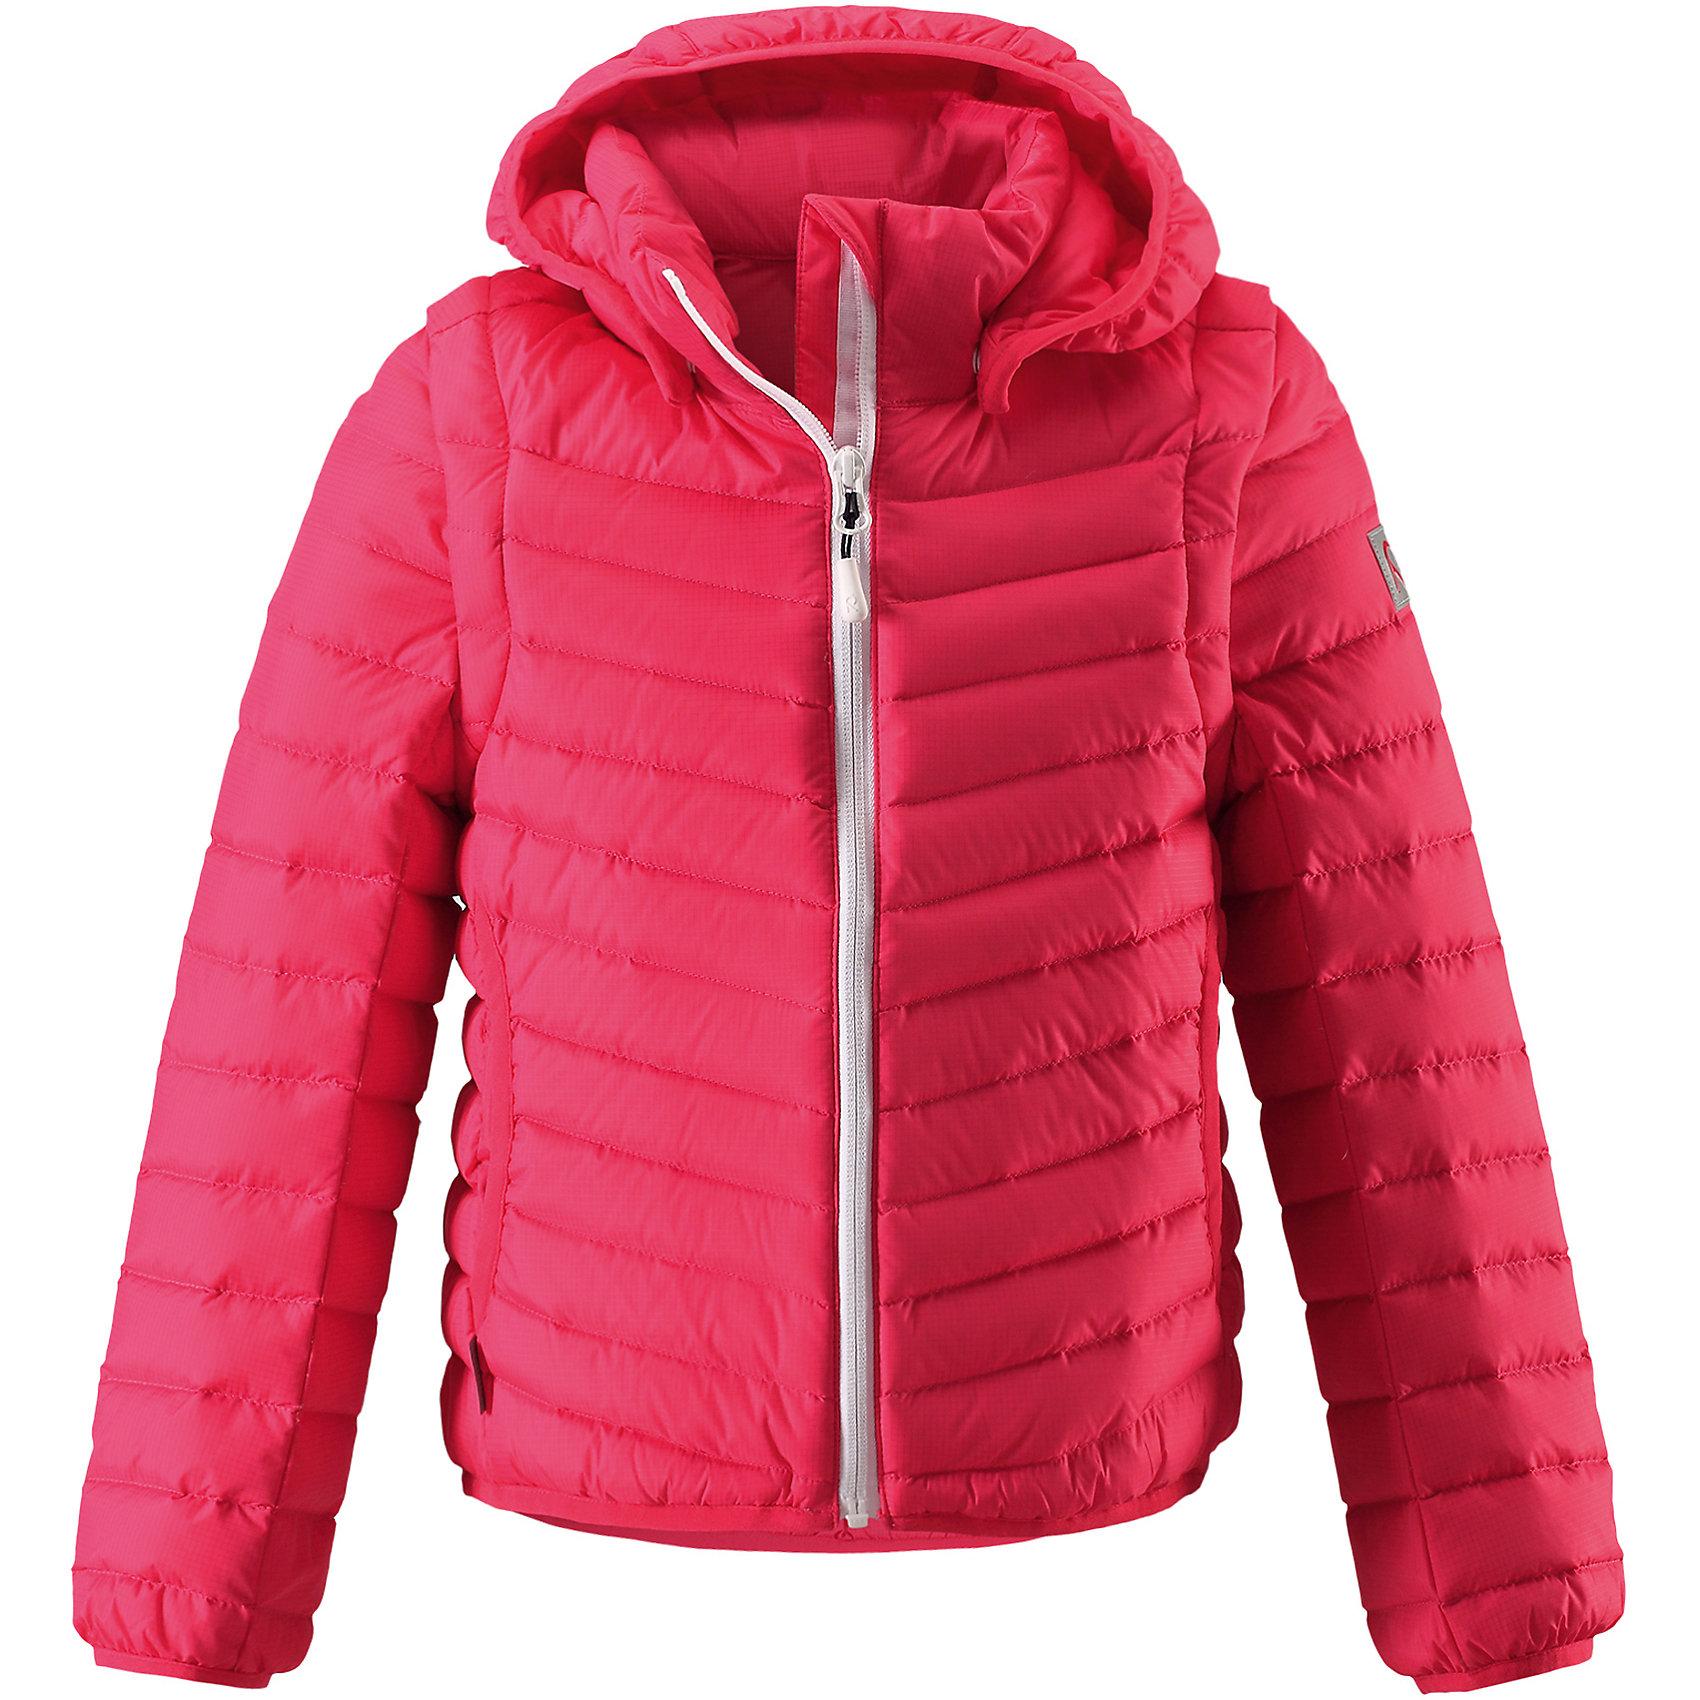 Куртка для девочки ReimaКуртка для девочки от финского бренда Reima.<br>Пуховая куртка для подростков. Из ветронепроницаемого материала, но изделие «дышит». Легкий водоотталкивающий и «дышащий» материал. Крой для девочек. В качестве утеплителя использованы пух и перо (80/20). Легкая степень утепления. Безопасный, съемный капюшон. Эластичная резинка на кромке капюшона, манжетах и подоле. Отстегивающиеся рукава на молнии. Новая усовершенствованная молния — больше не застревает! Два боковых кармана.<br>Состав:<br>100% Полиамид<br><br>Уход:<br>Стирать по отдельности. Перед стиркой отстегните искусственный мех. Застегнуть молнии и липучки. Стирать моющим средством, не содержащим отбеливающие вещества. Полоскать без специального средства. Во избежание изменения цвета изделие необходимо вынуть из стиральной машинки незамедлительно после окончания программы стирки. Барабанное сушение при низкой температуре с 3 теннисными мячиками. Выверните изделие наизнанку в середине сушки.<br><br>Ширина мм: 356<br>Глубина мм: 10<br>Высота мм: 245<br>Вес г: 519<br>Цвет: розовый<br>Возраст от месяцев: 84<br>Возраст до месяцев: 96<br>Пол: Женский<br>Возраст: Детский<br>Размер: 128,122,116,104,164,152,110,146,158,140,134<br>SKU: 5267712